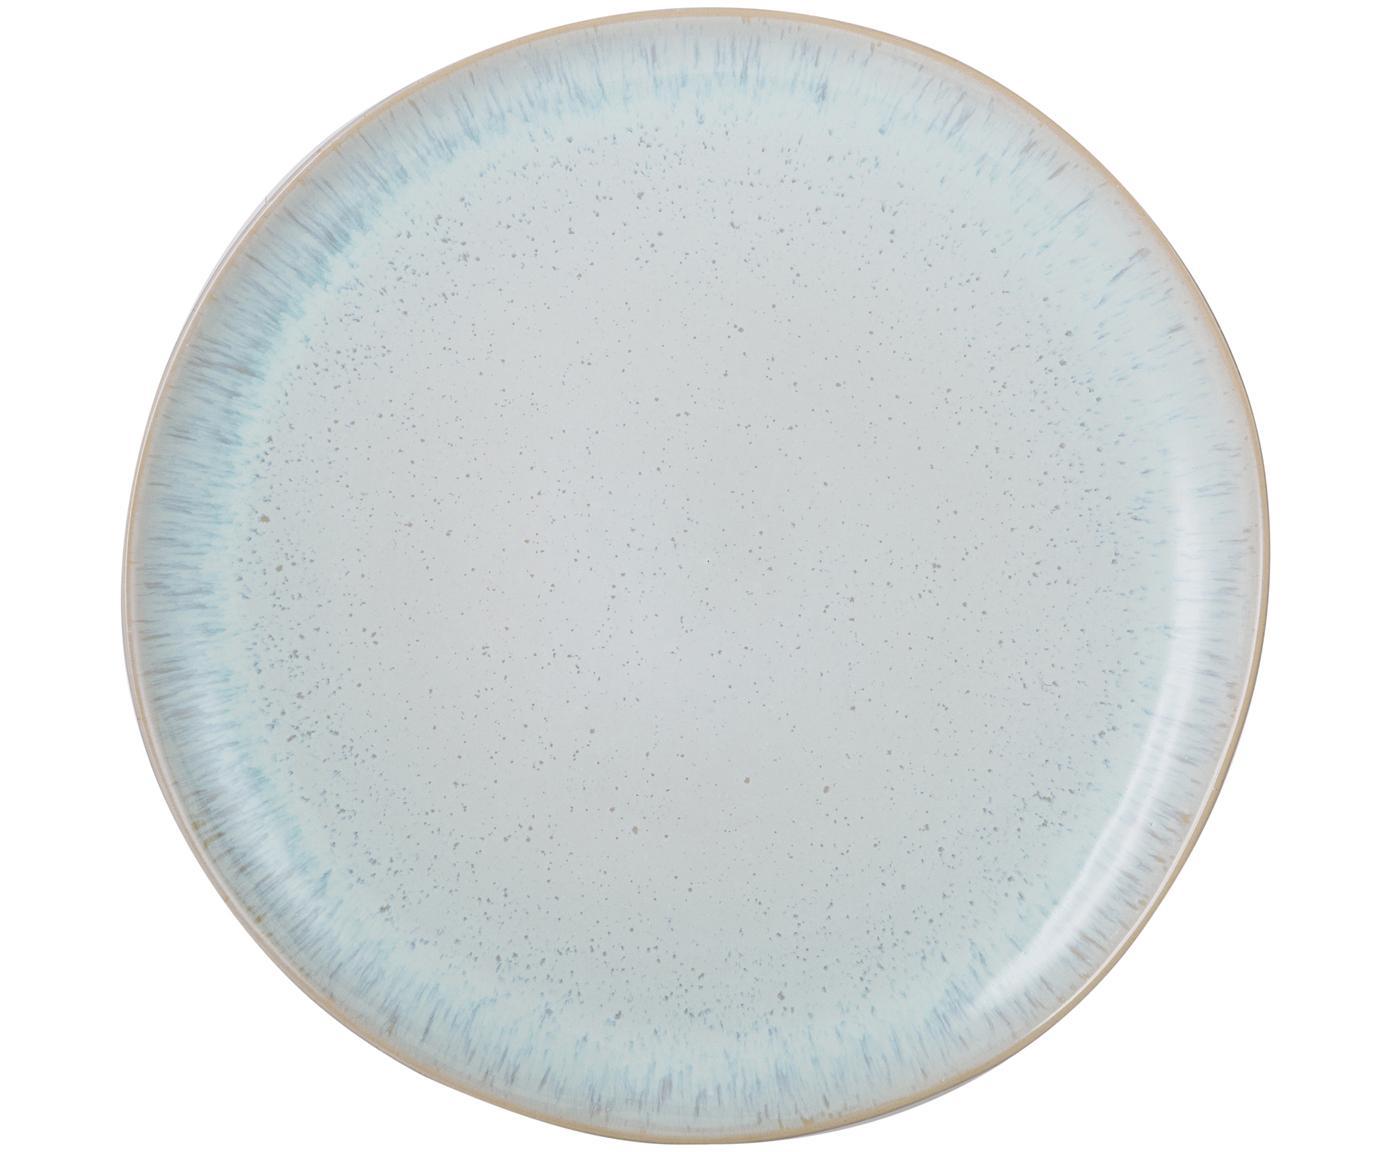 Plato llano pintado a mano Areia, Gres, Azul claro, blanco crudo, beige claro, Ø 28 cm